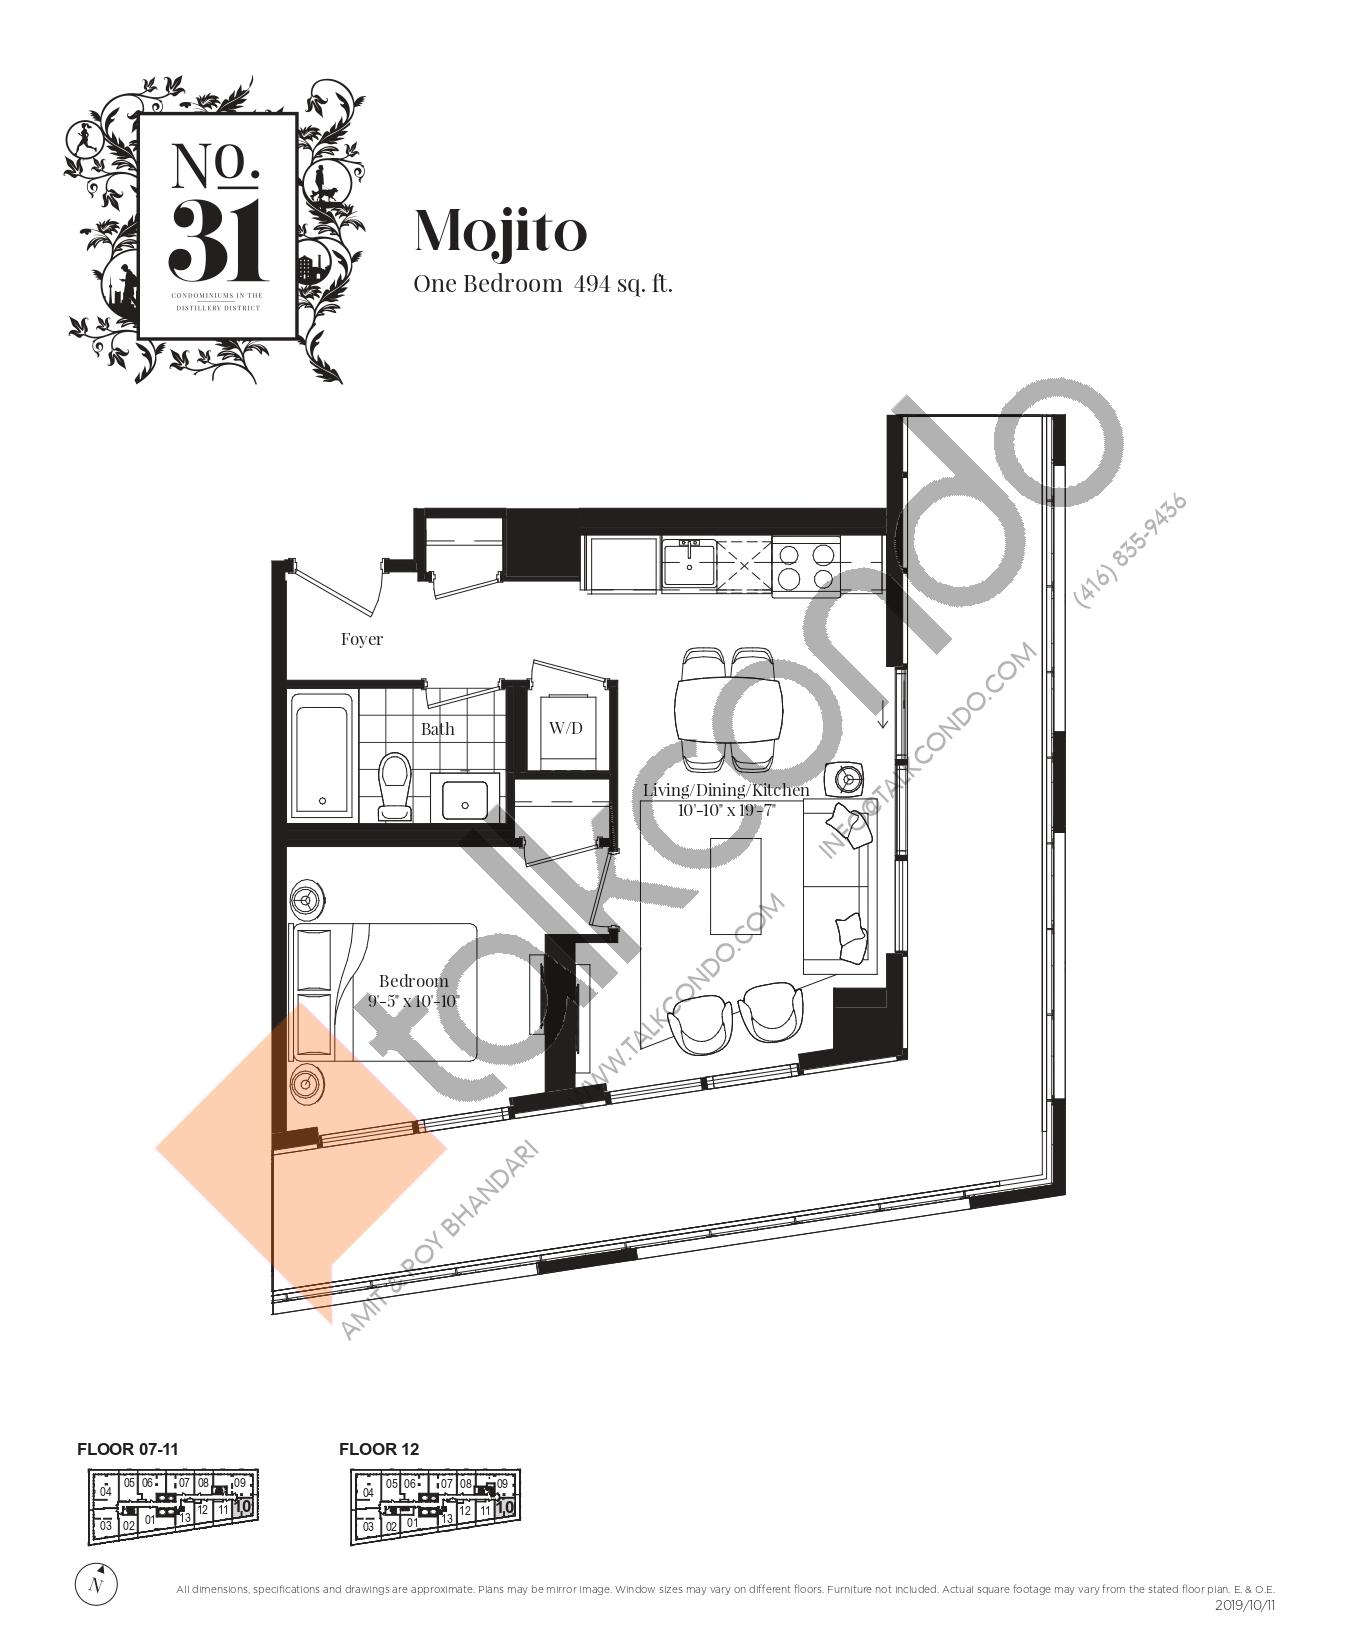 Mojito Floor Plan at No. 31 Condos - 494 sq.ft